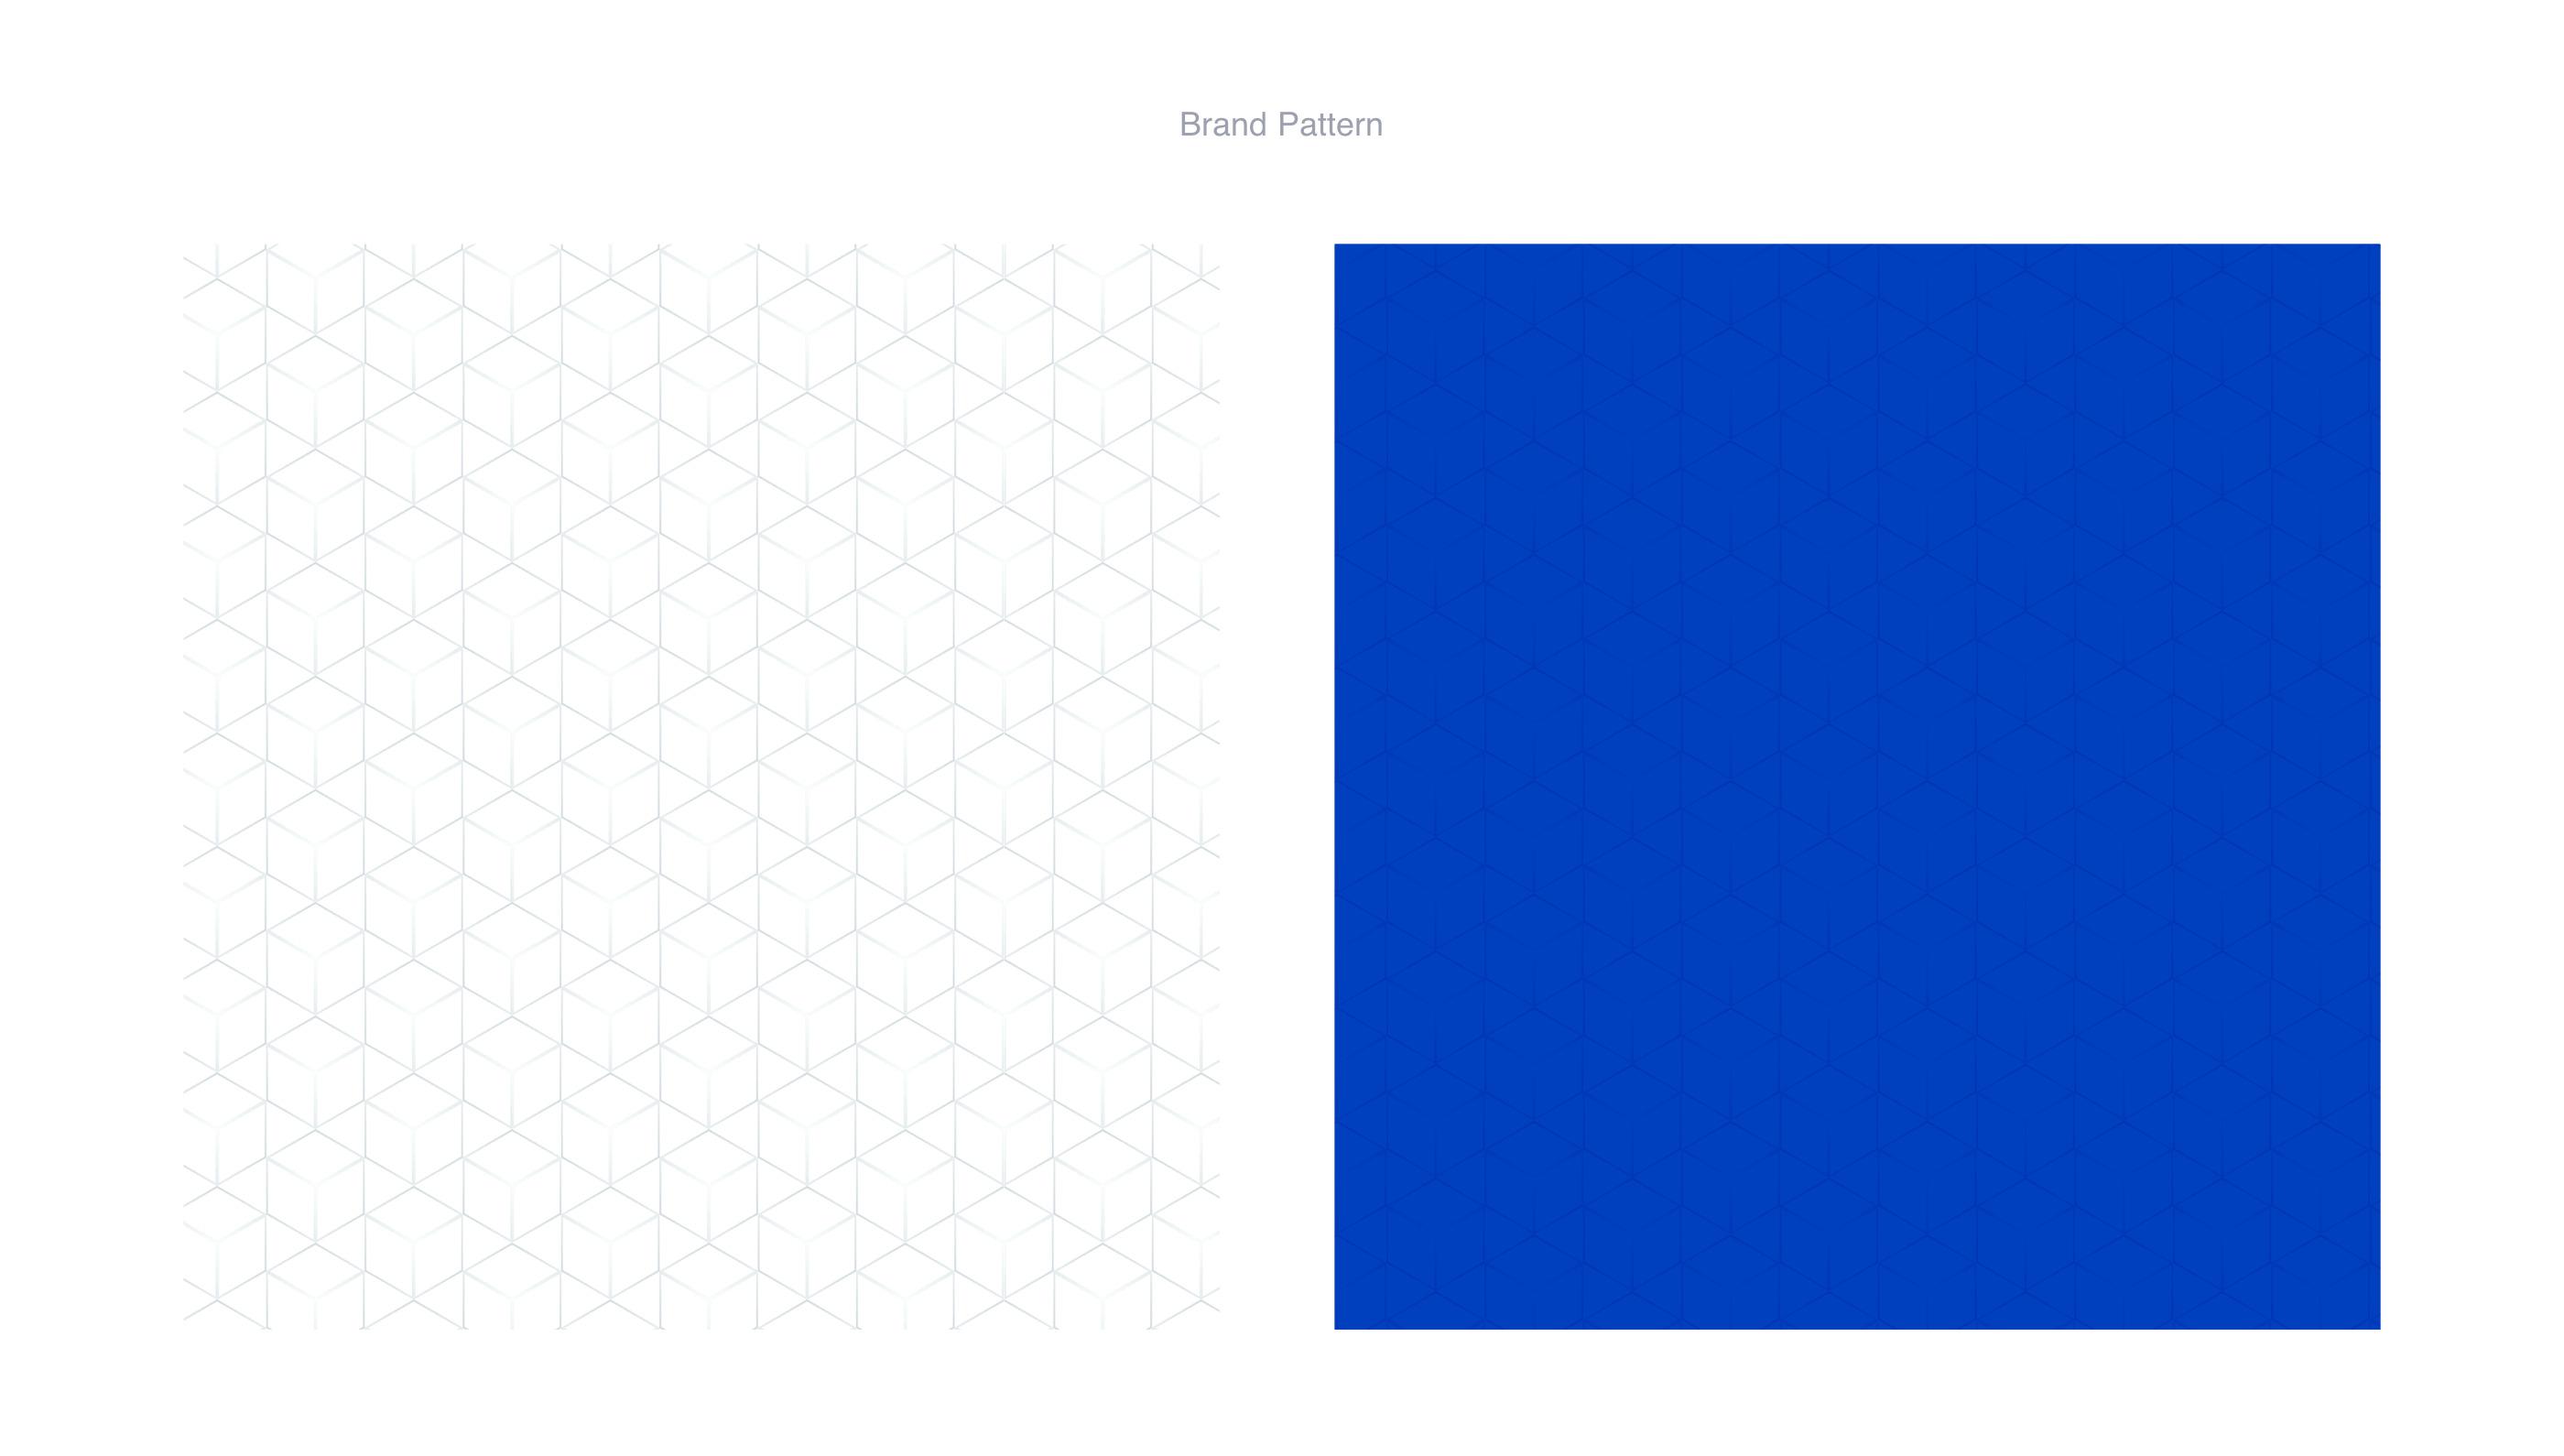 mobingi brand pattern